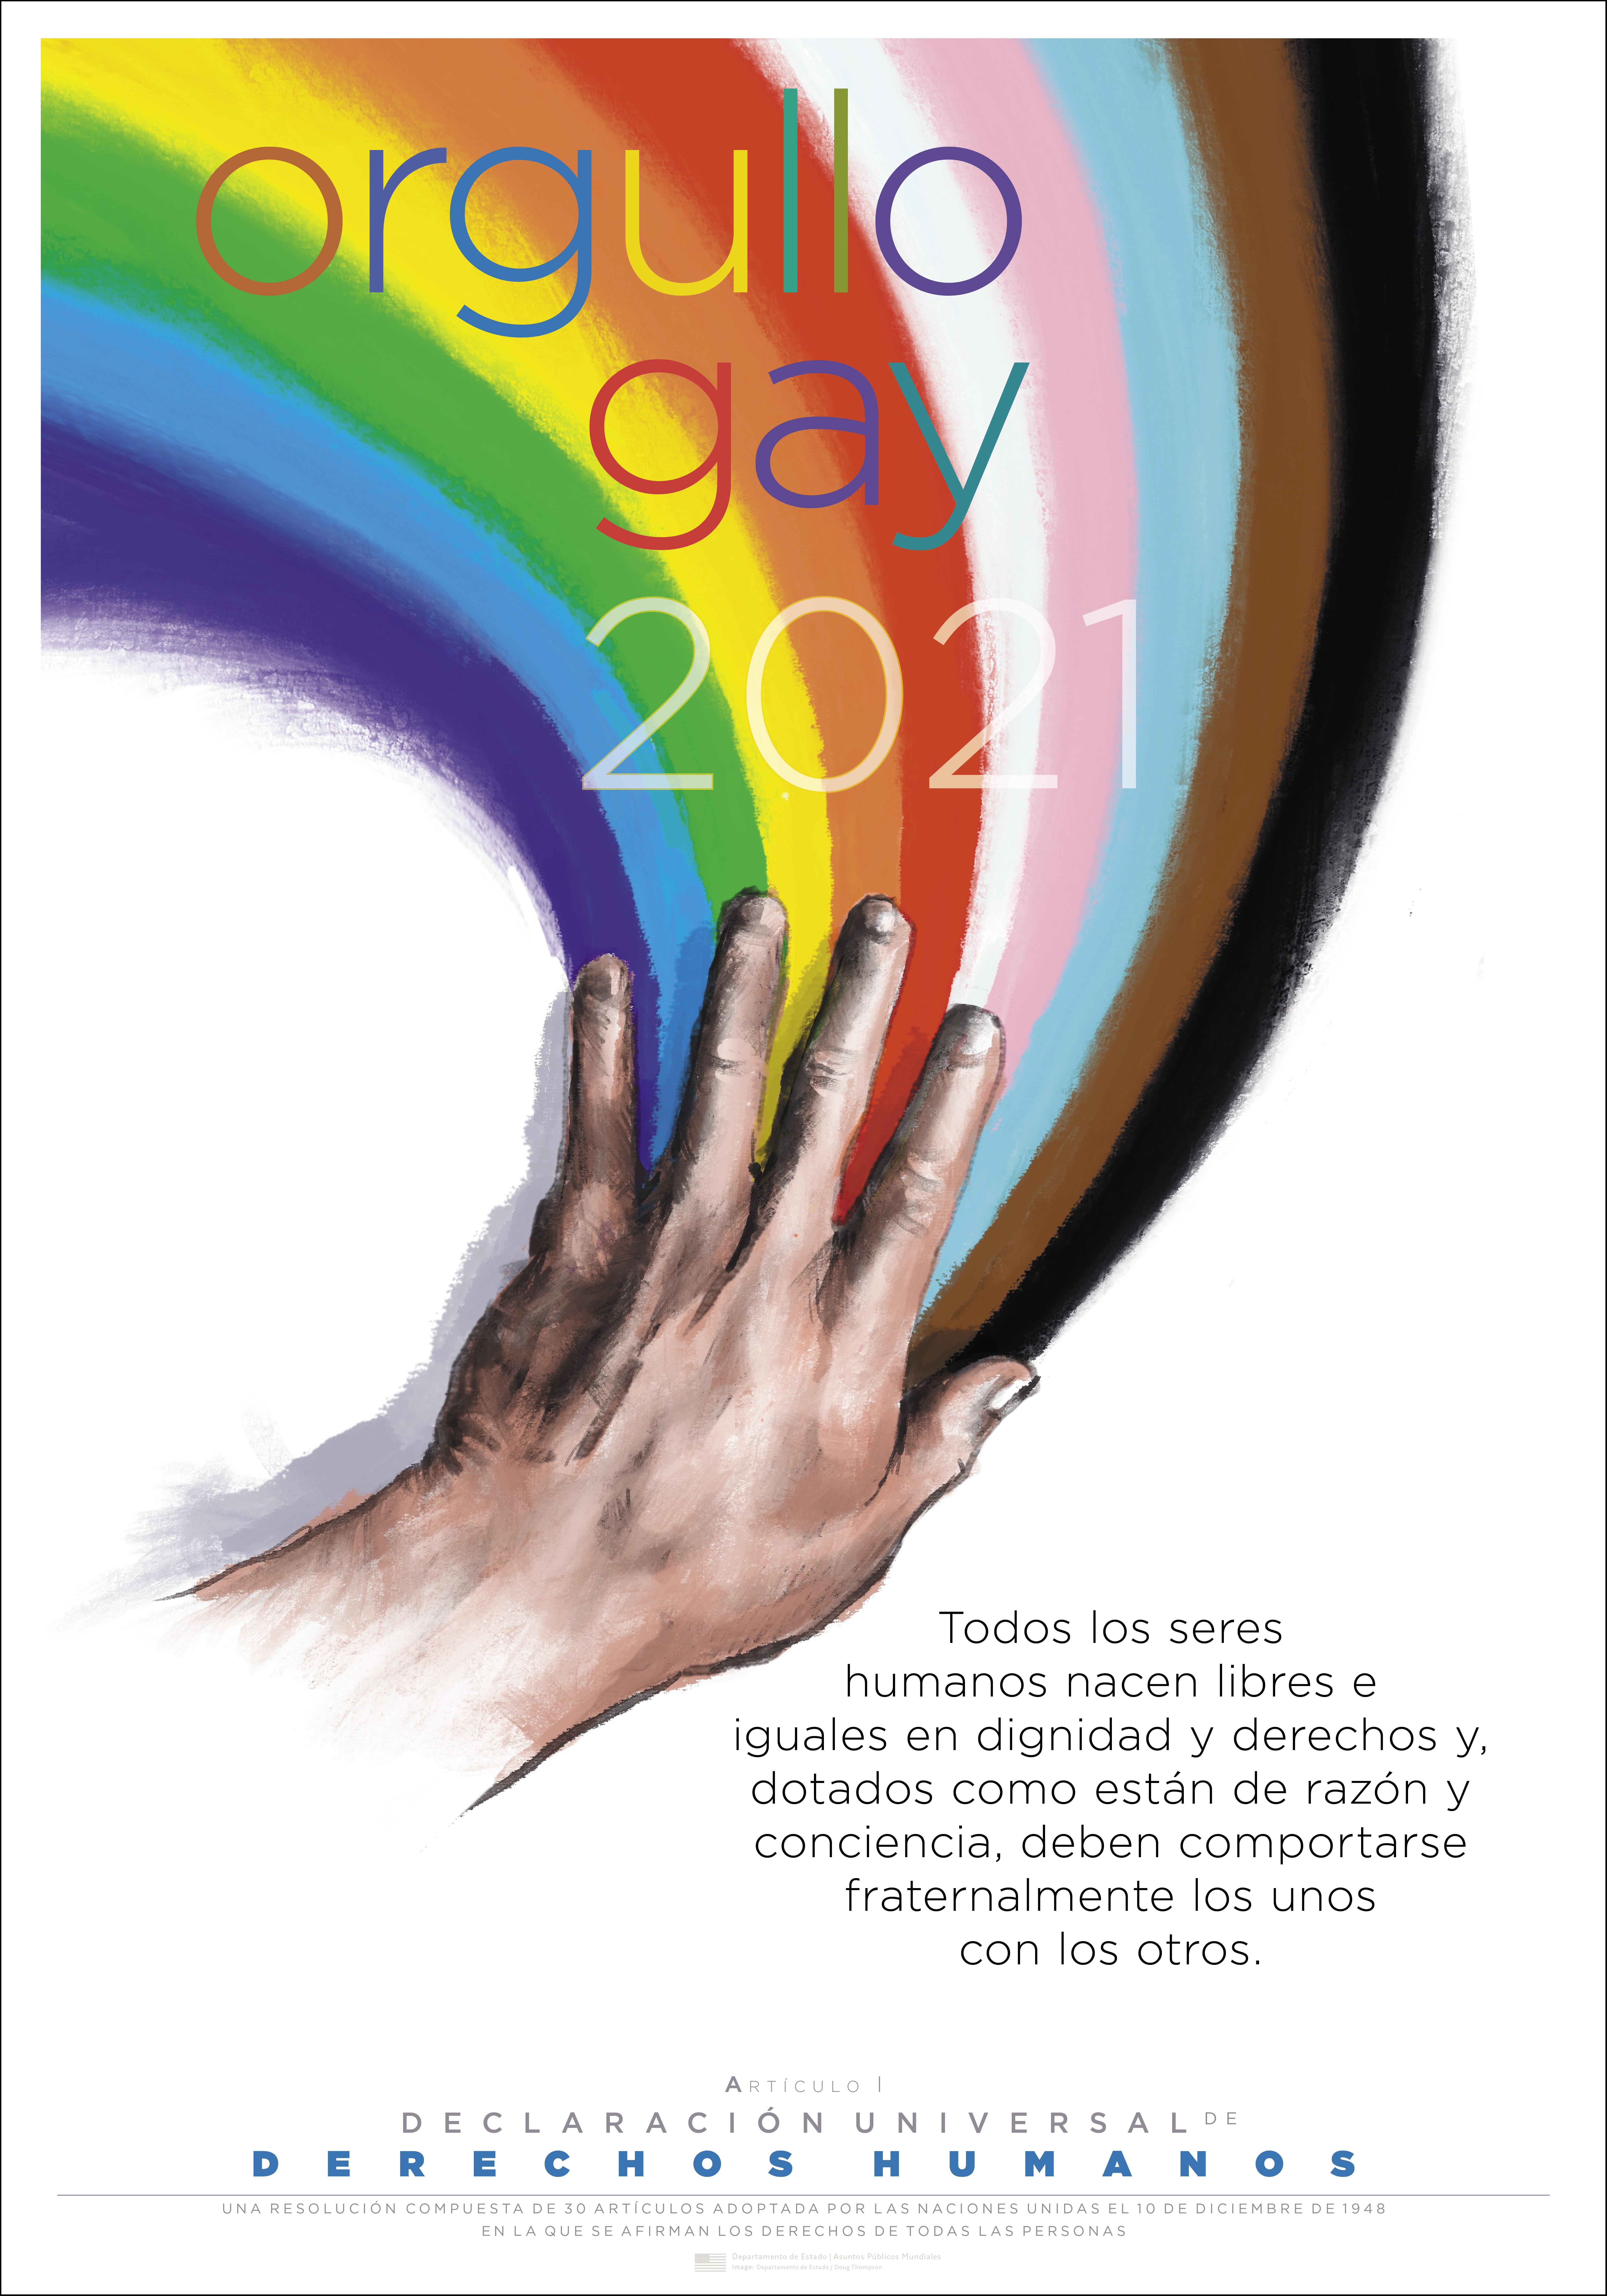 Póster del Mes del Orgullo 2021 muestra una mano diseminando los colores del arco iris. (Depto. de Estado/D. Thompson)